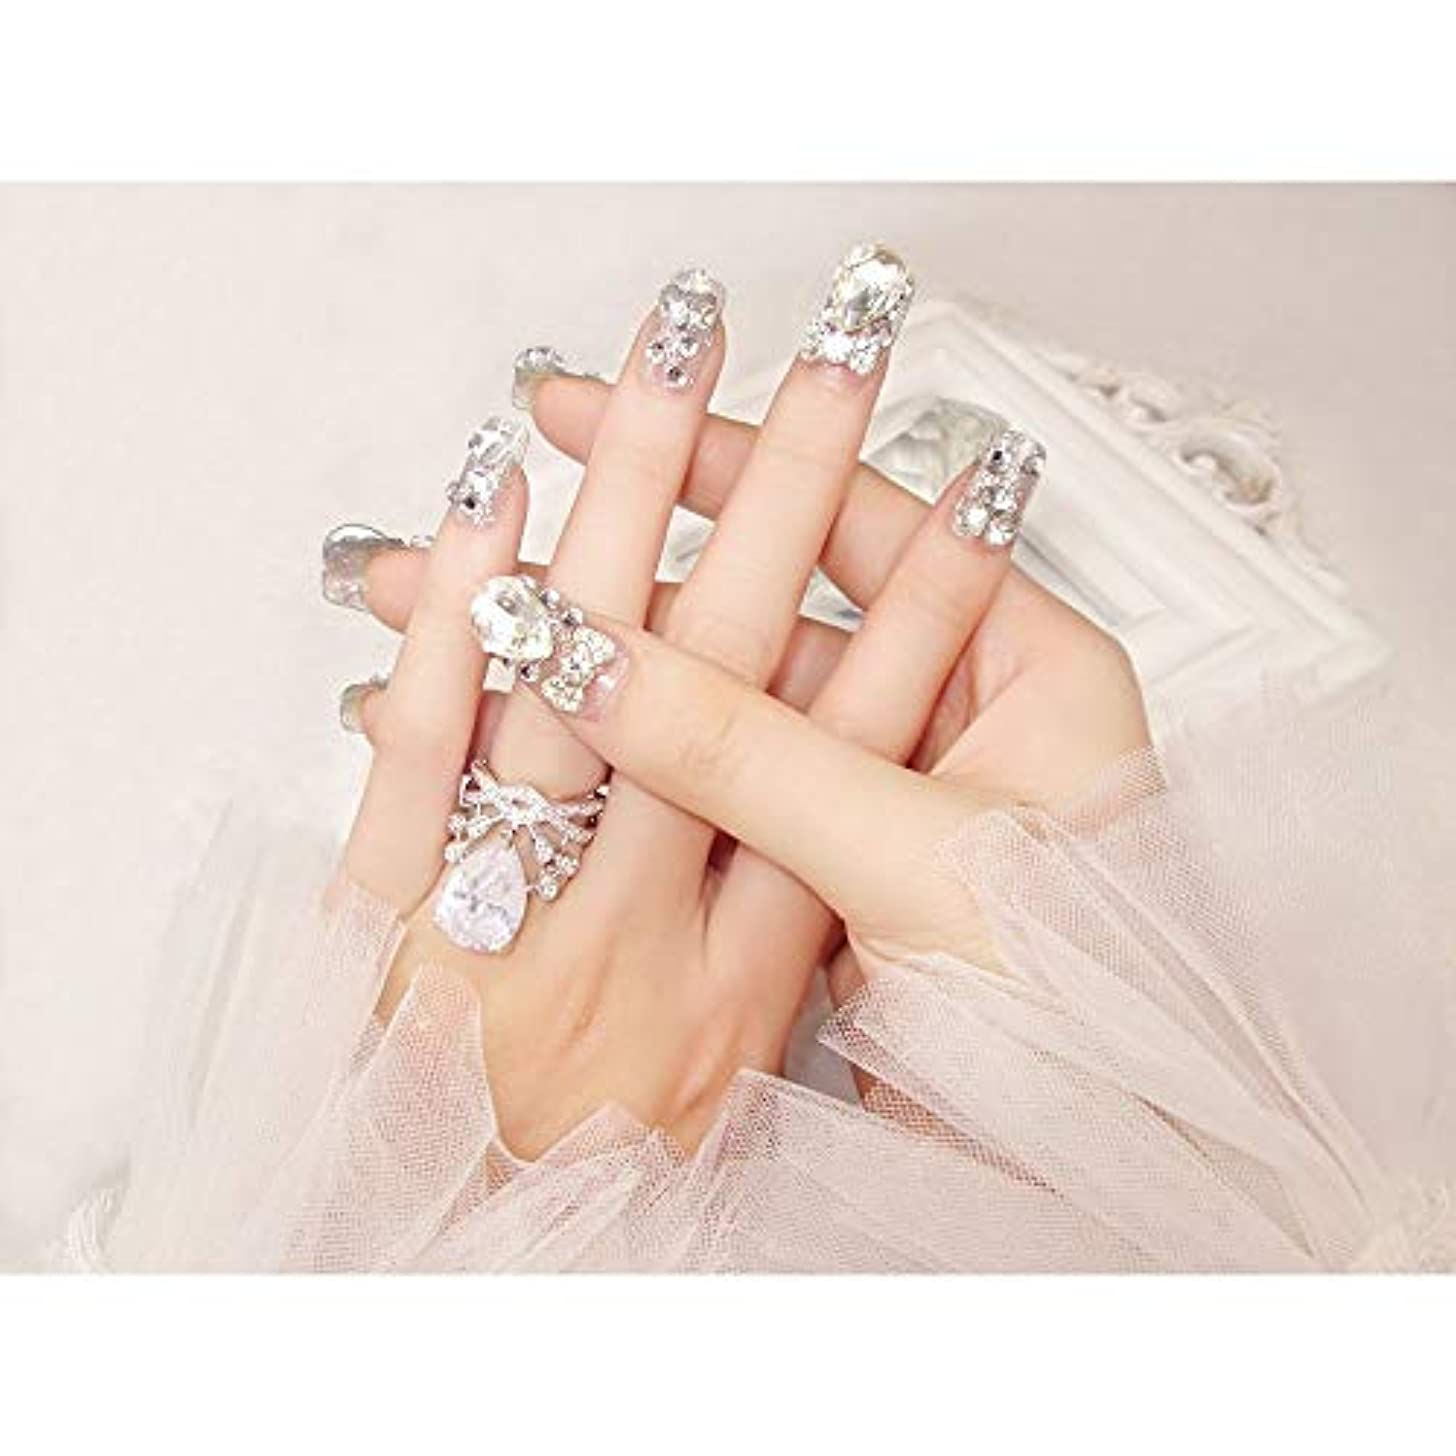 真剣に膿瘍巨人LVUITTON 完成した偽の釘24ピース箱入り花嫁シャイニー偽の爪の宝石ダイヤモンドの宝石ブライダルネイルステッカー (色 : 24 pieces)